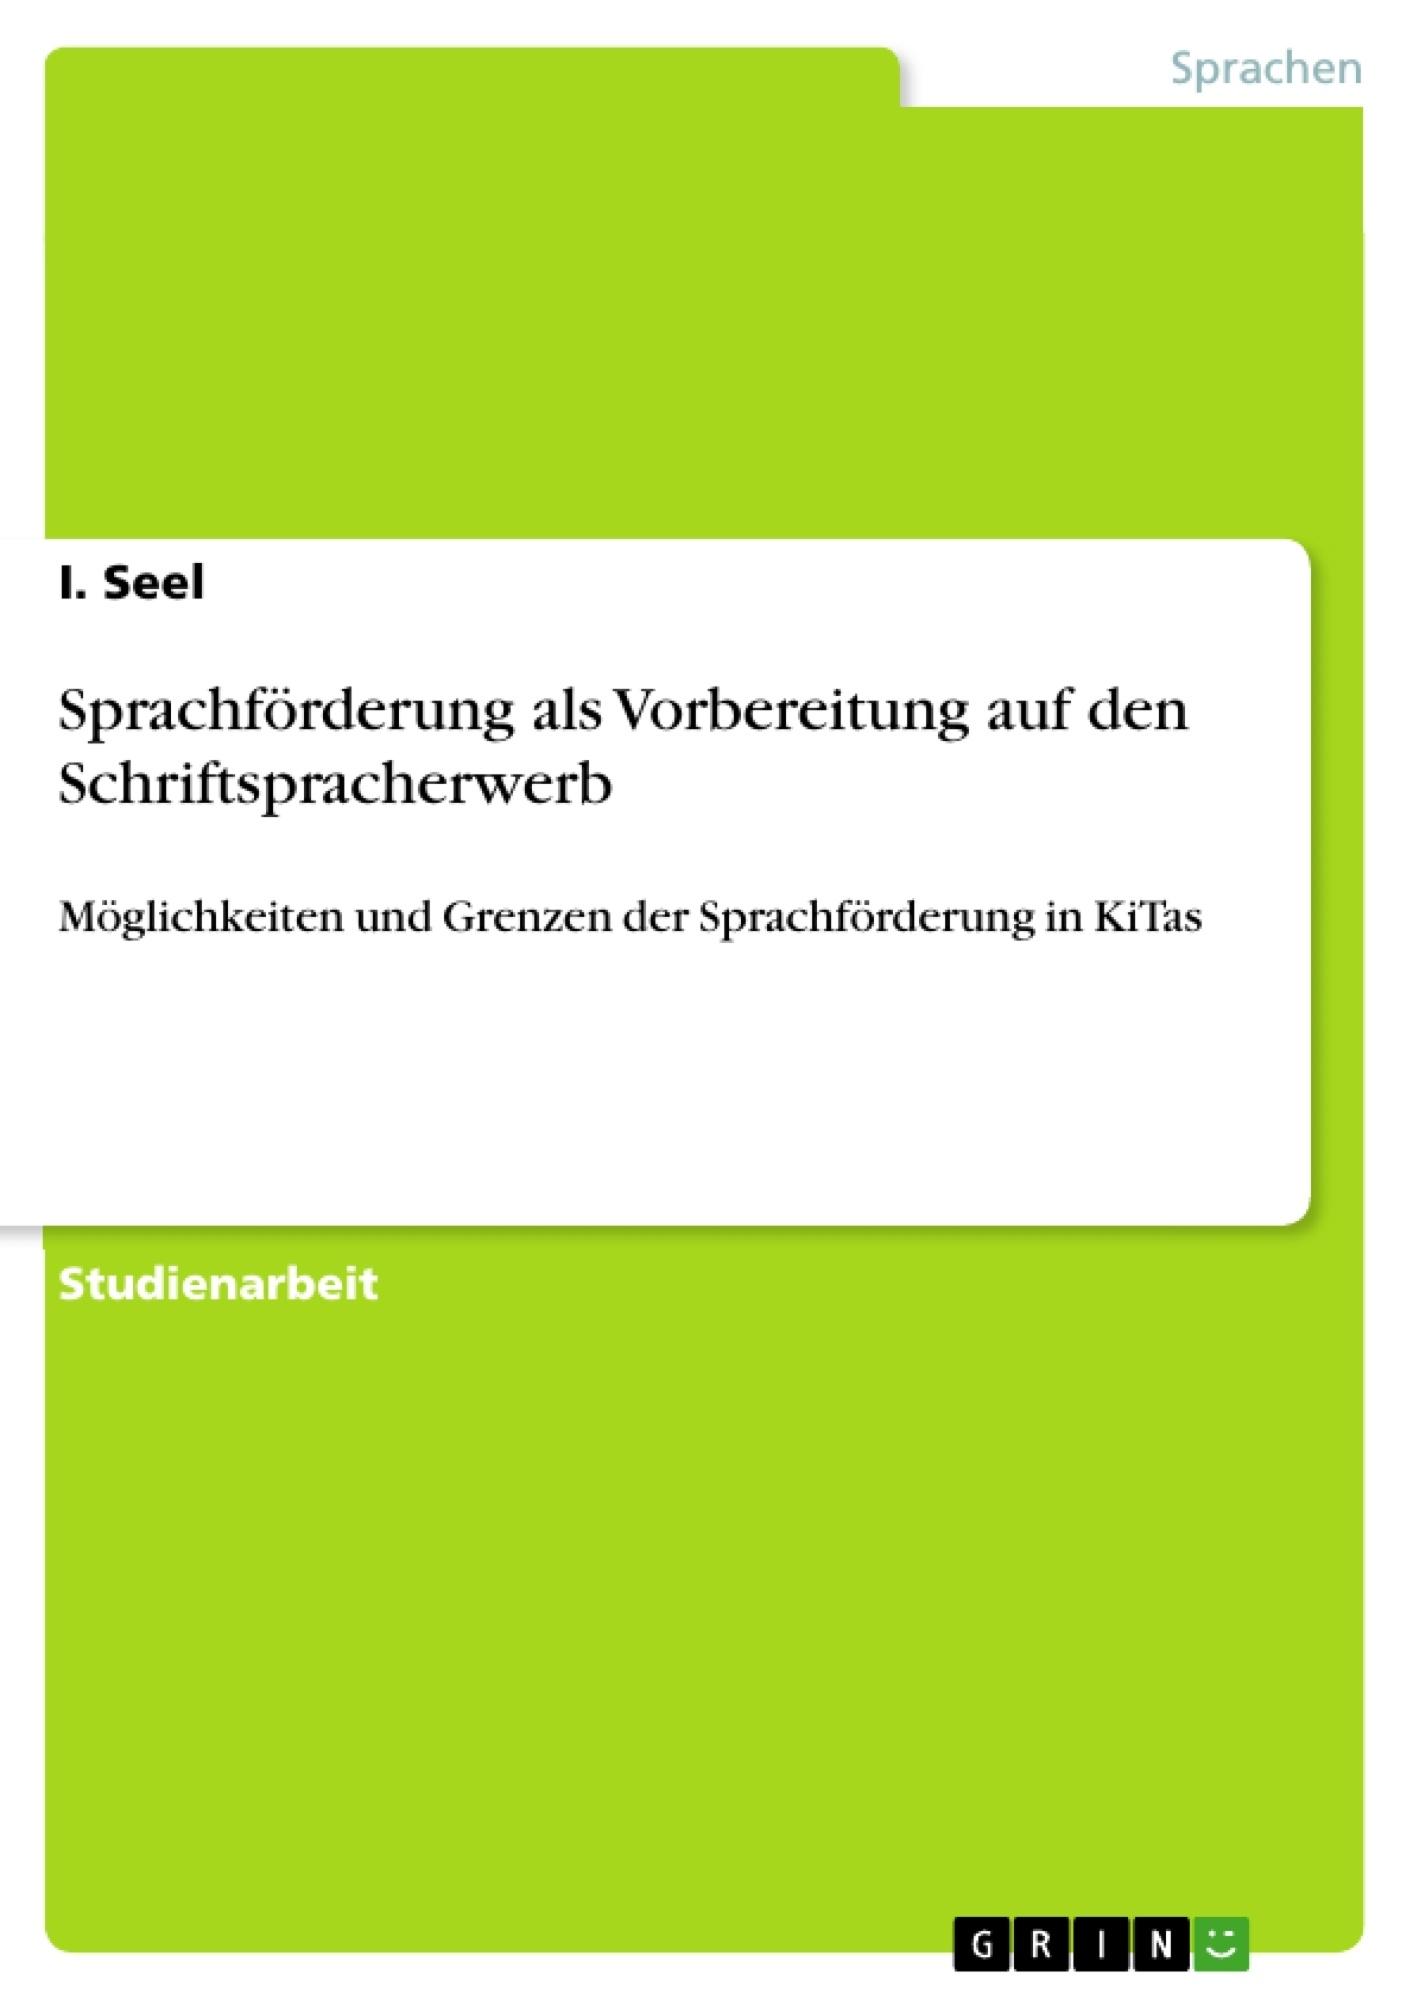 Titel: Sprachförderung als Vorbereitung auf den Schriftspracherwerb